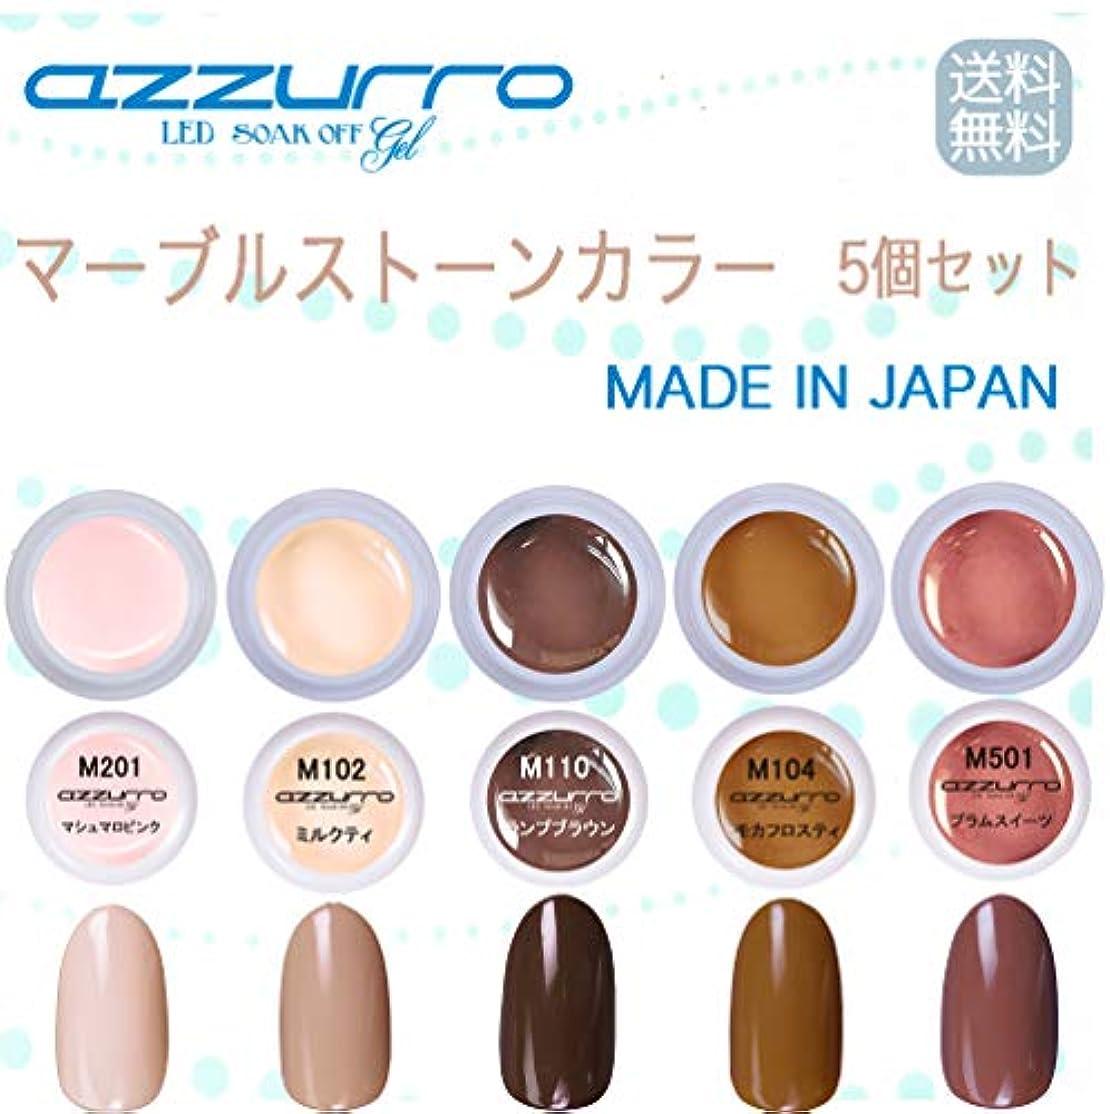 成功したみぞれ裏切り者【送料無料】日本製 azzurro gel マーブルストーンカラージェル5個セット 春にピッタリで大人気デザインの大理石ネイルにぴったりなカラー